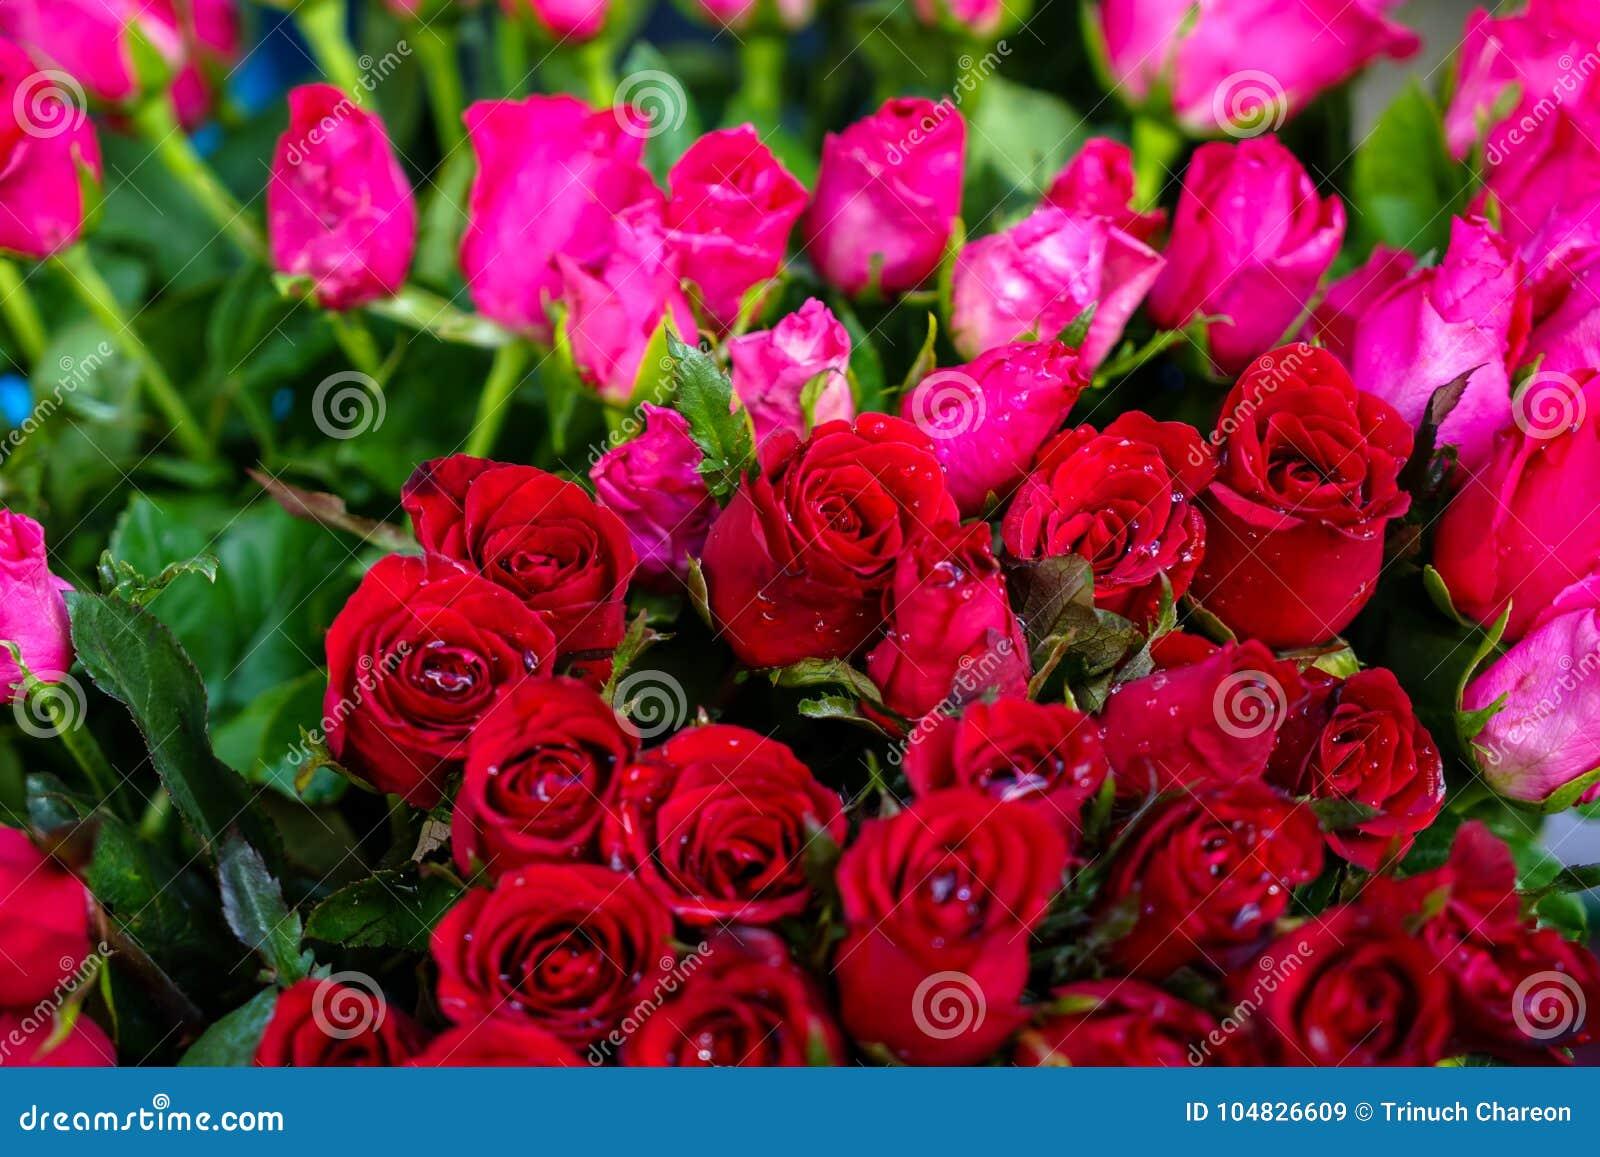 Le Groupe De Belle Fleur Rouge Et Rose Lumineuse Fraiche De Rose De